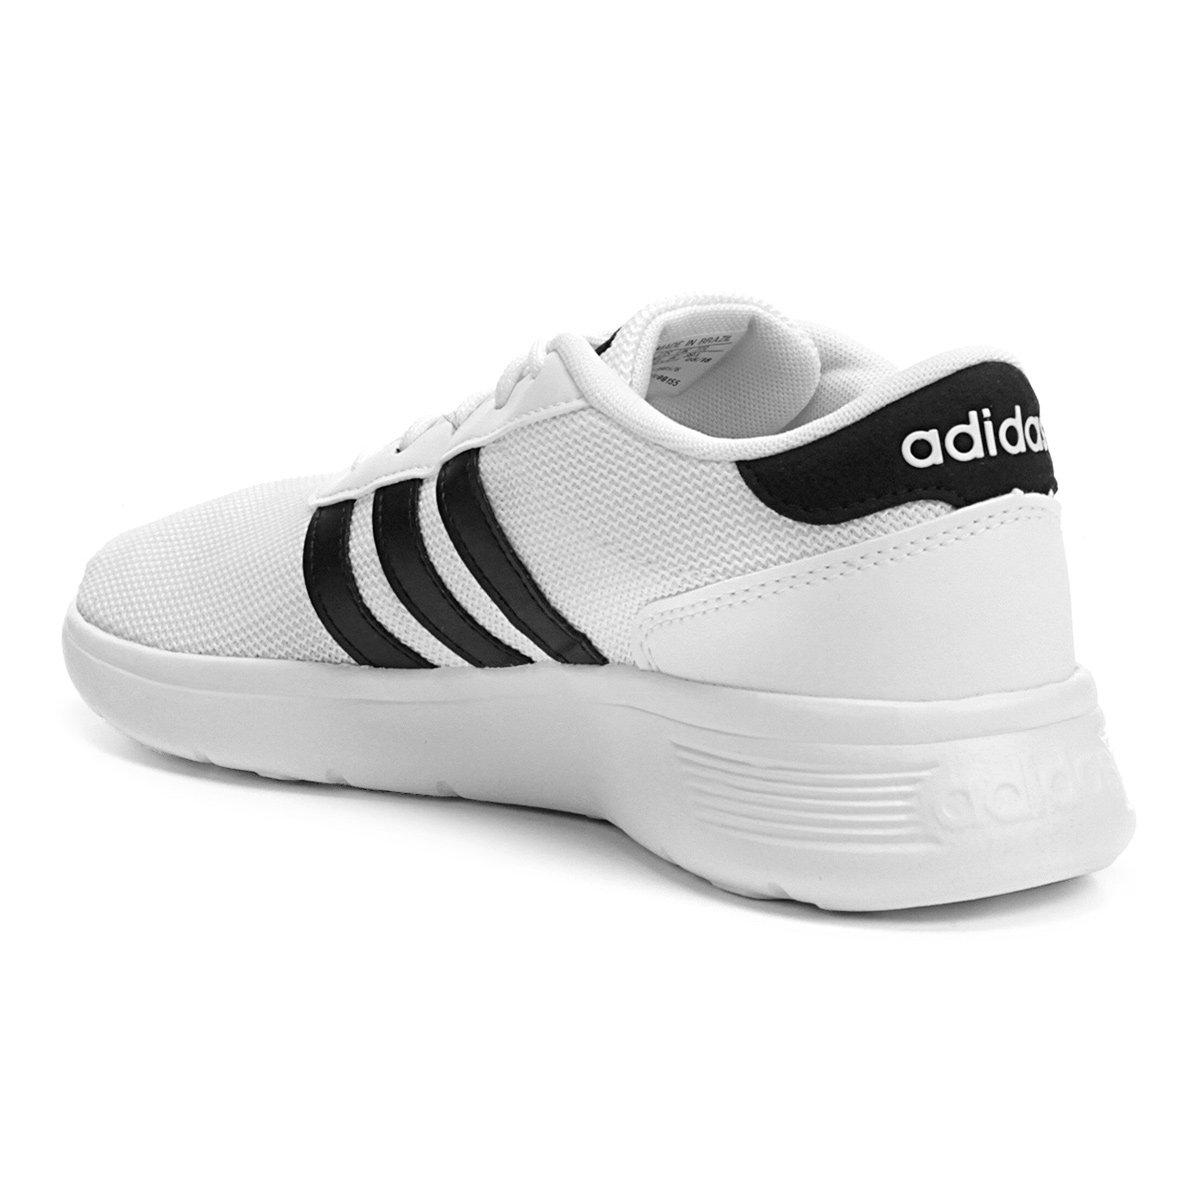 Tênis Adidas Lite Racer W Feminino - Gelo e Preto - Compre Agora ... 790635b10b3ce